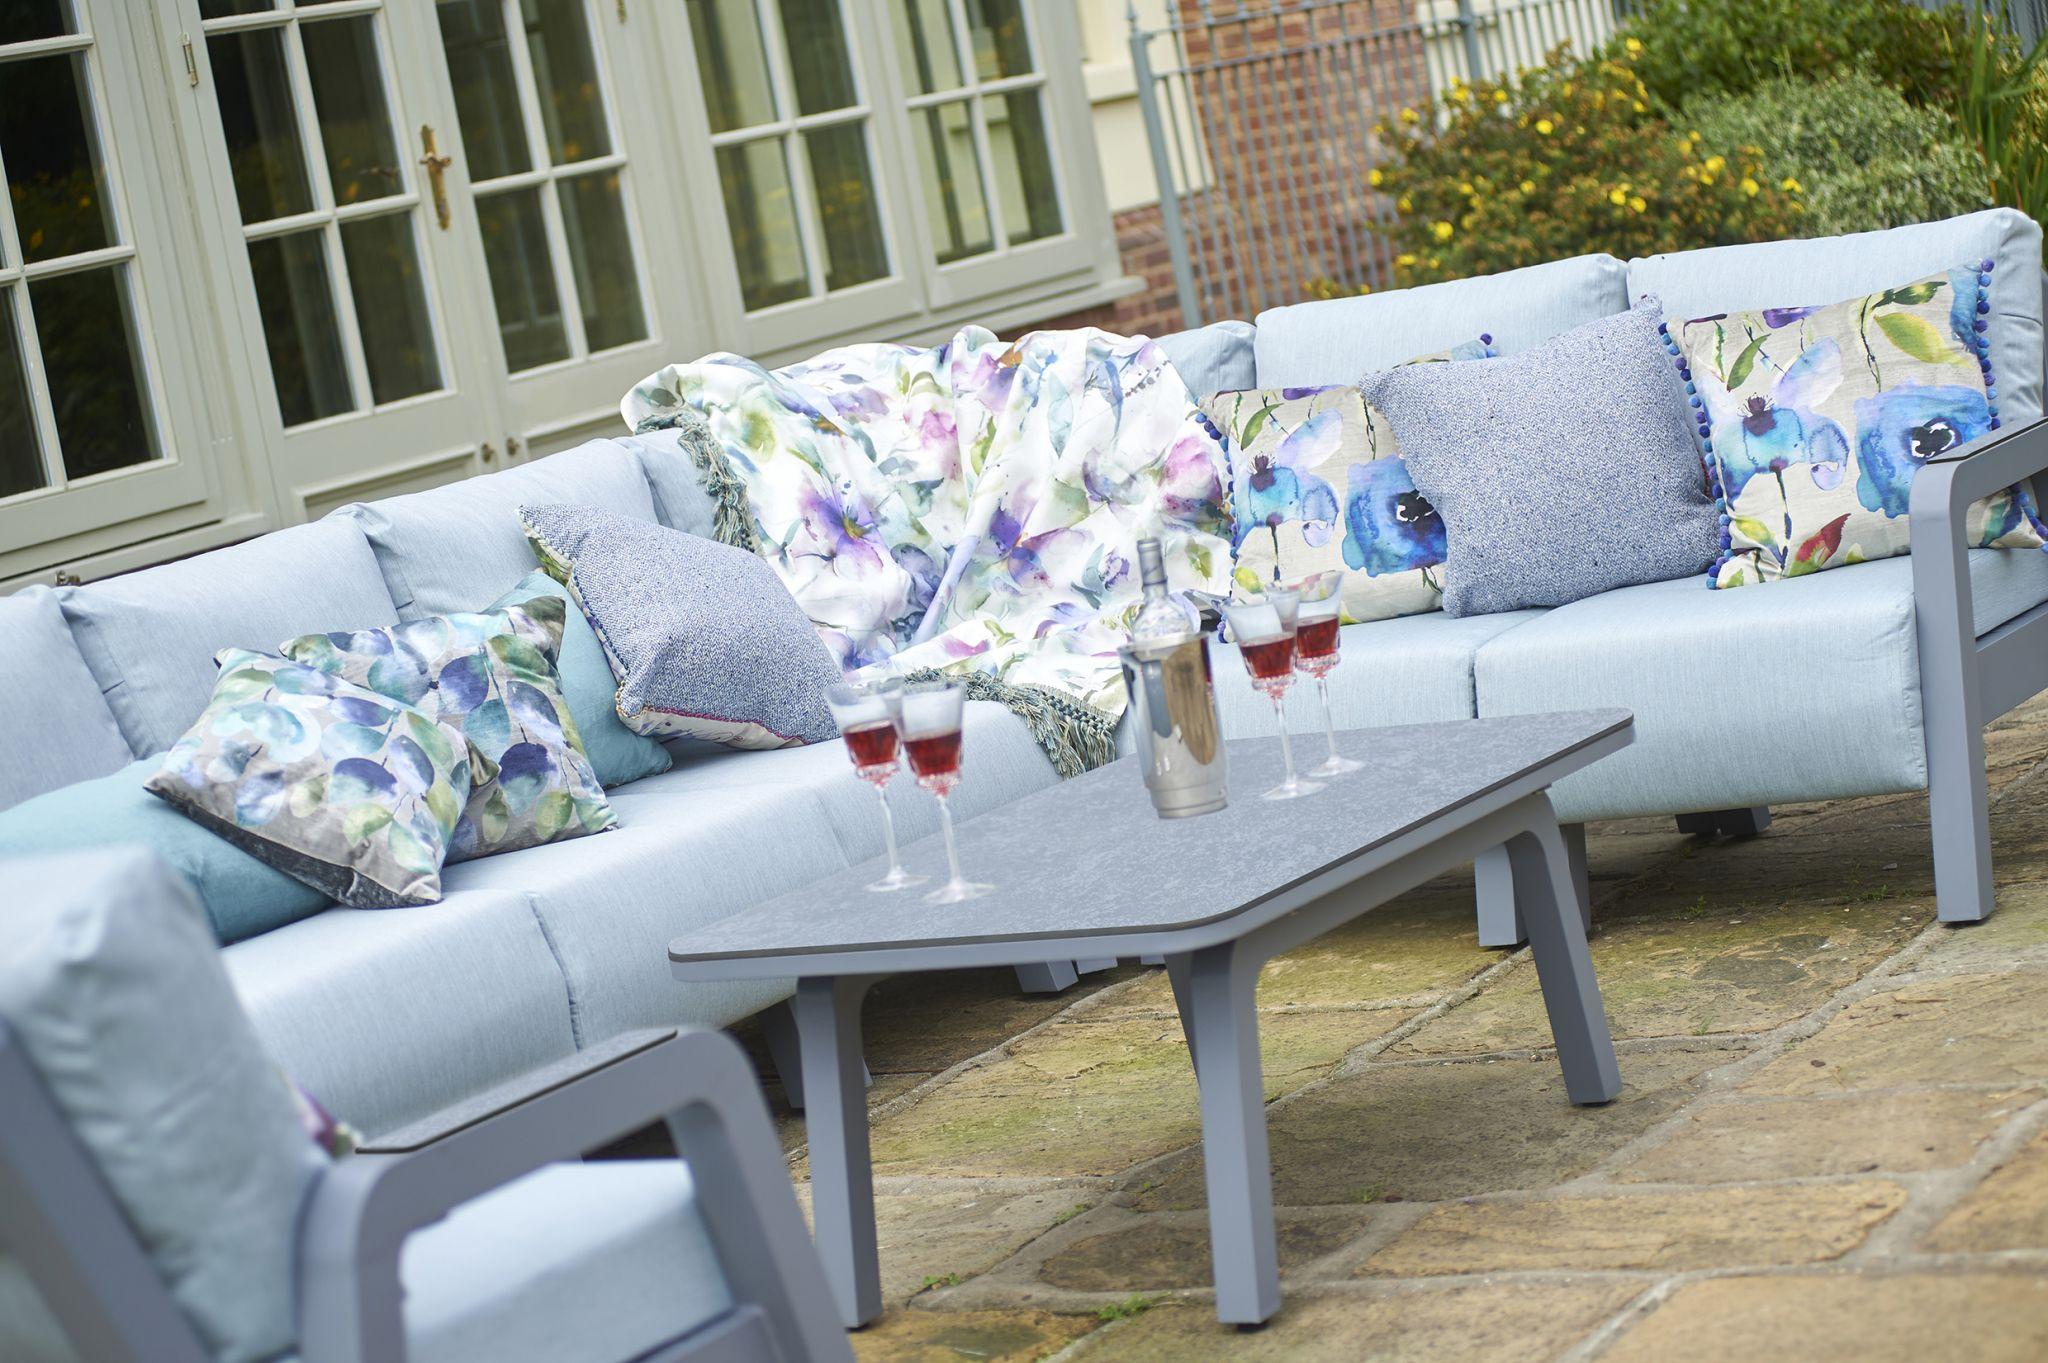 Bridgman Garden Furniture We review the bridgman inspired living showroom in wilmslow workwithnaturefo